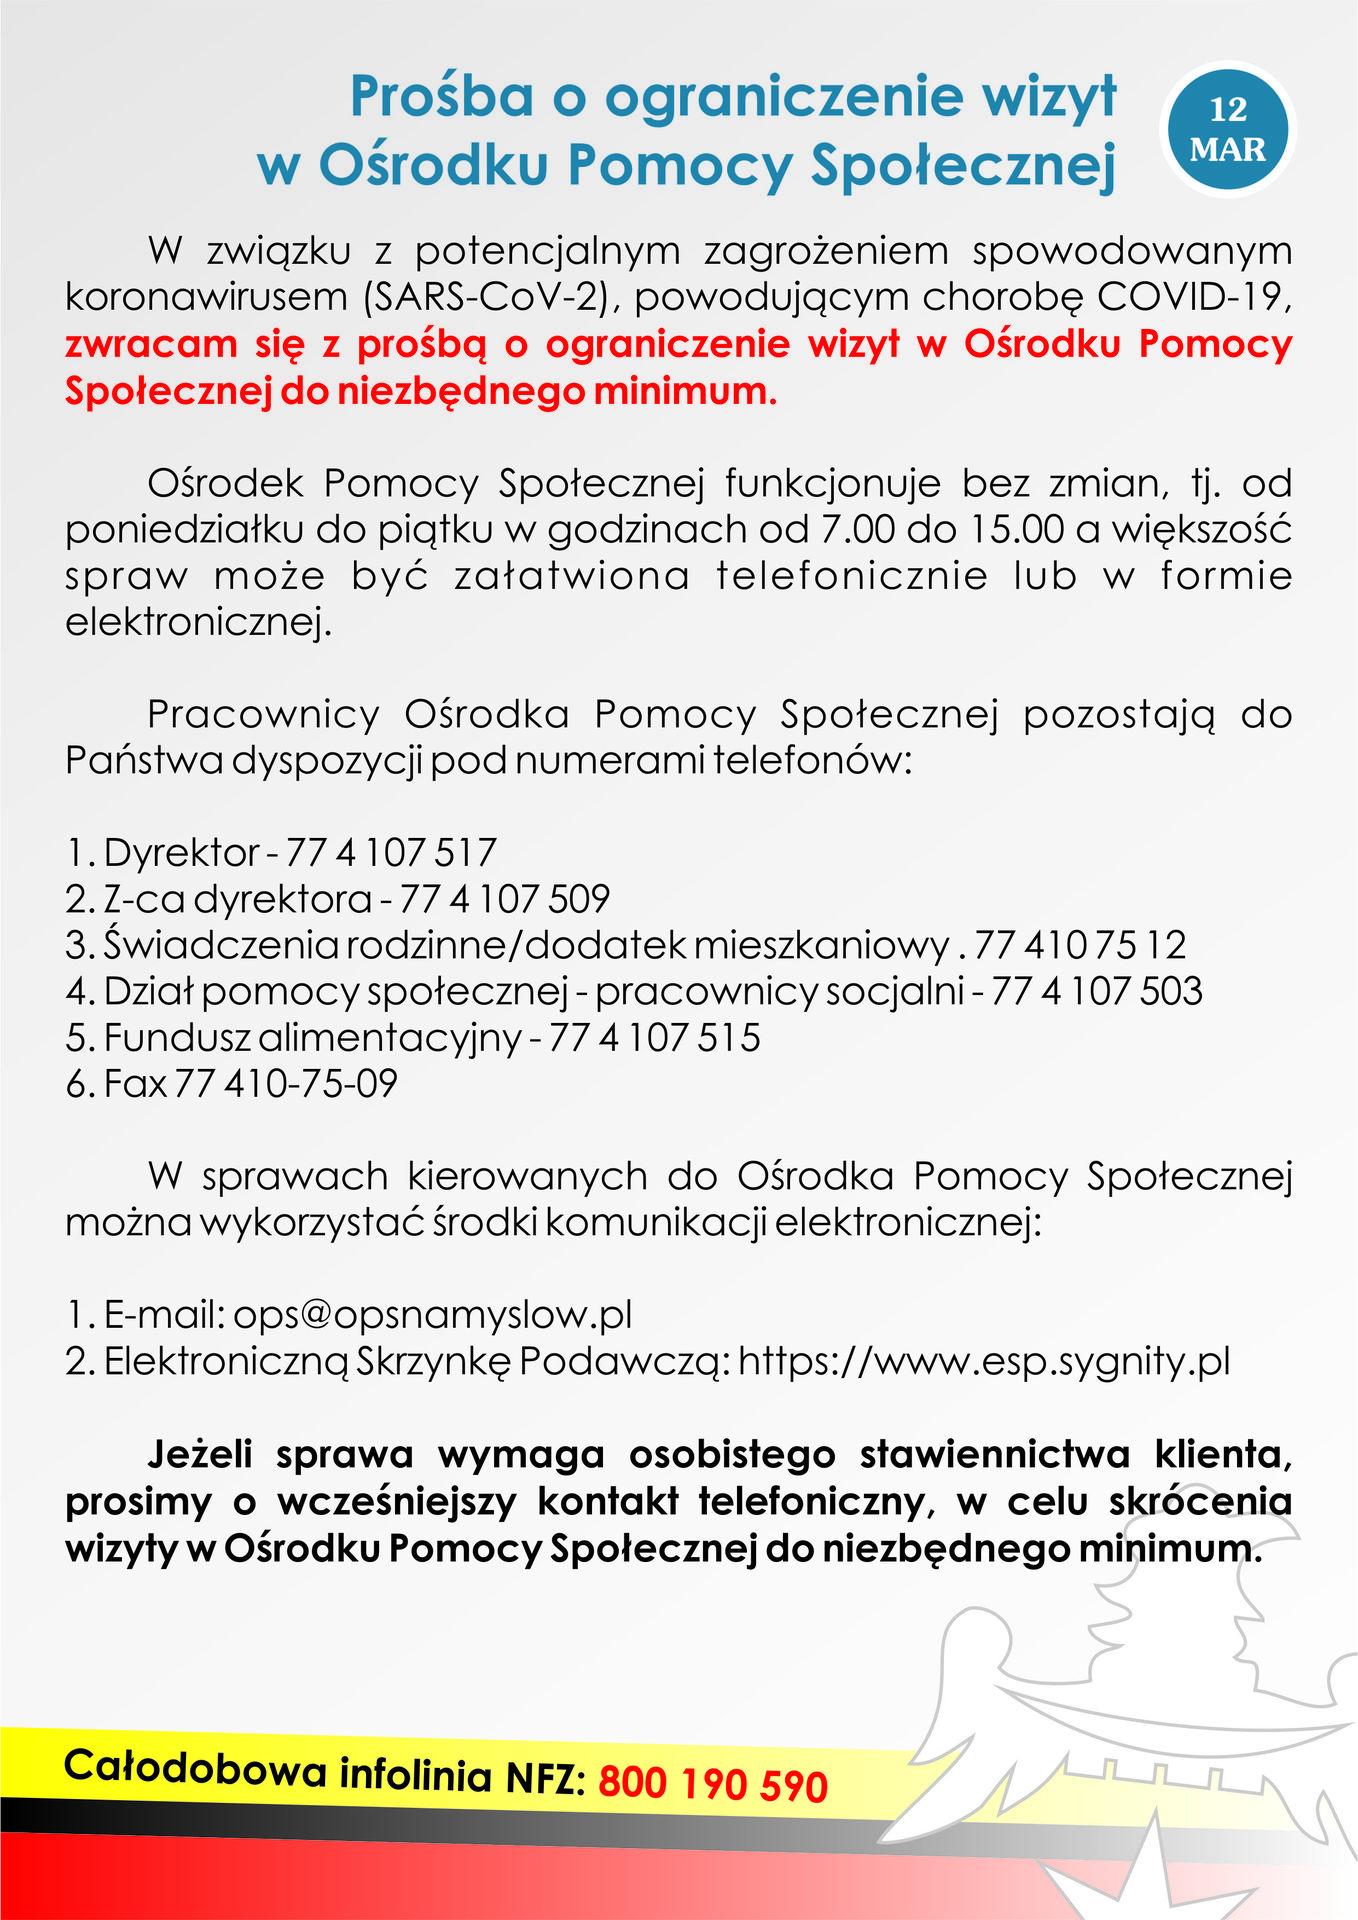 Prośba o ograniczenie wizyt w Ośrodku Pomocy Społecznej (12-03-2020).jpeg